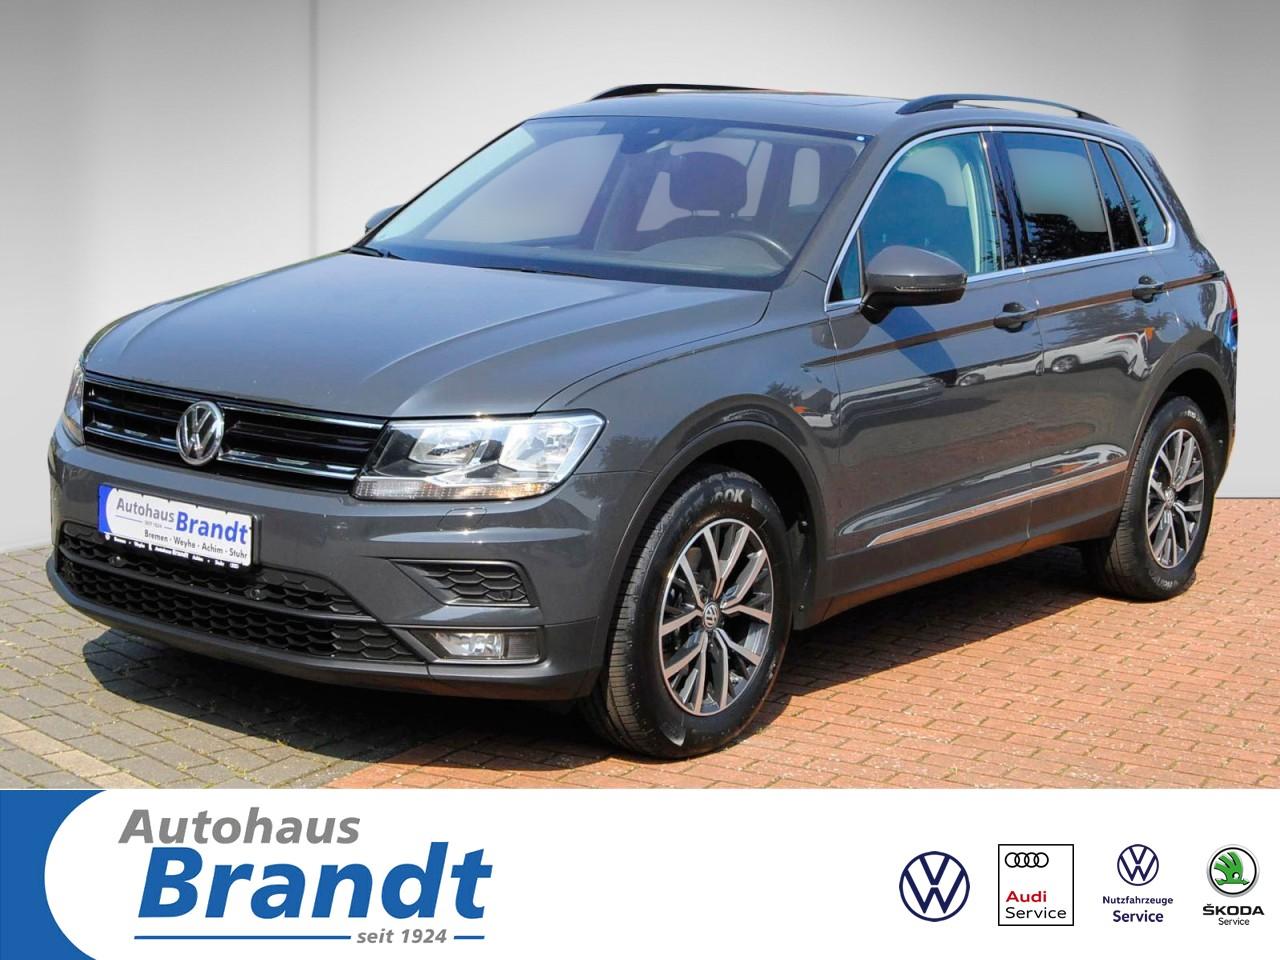 Volkswagen Tiguan 2.0 TDI DSG*PANO*NAVI*ACTIVE INFO Klima, Jahr 2018, Diesel